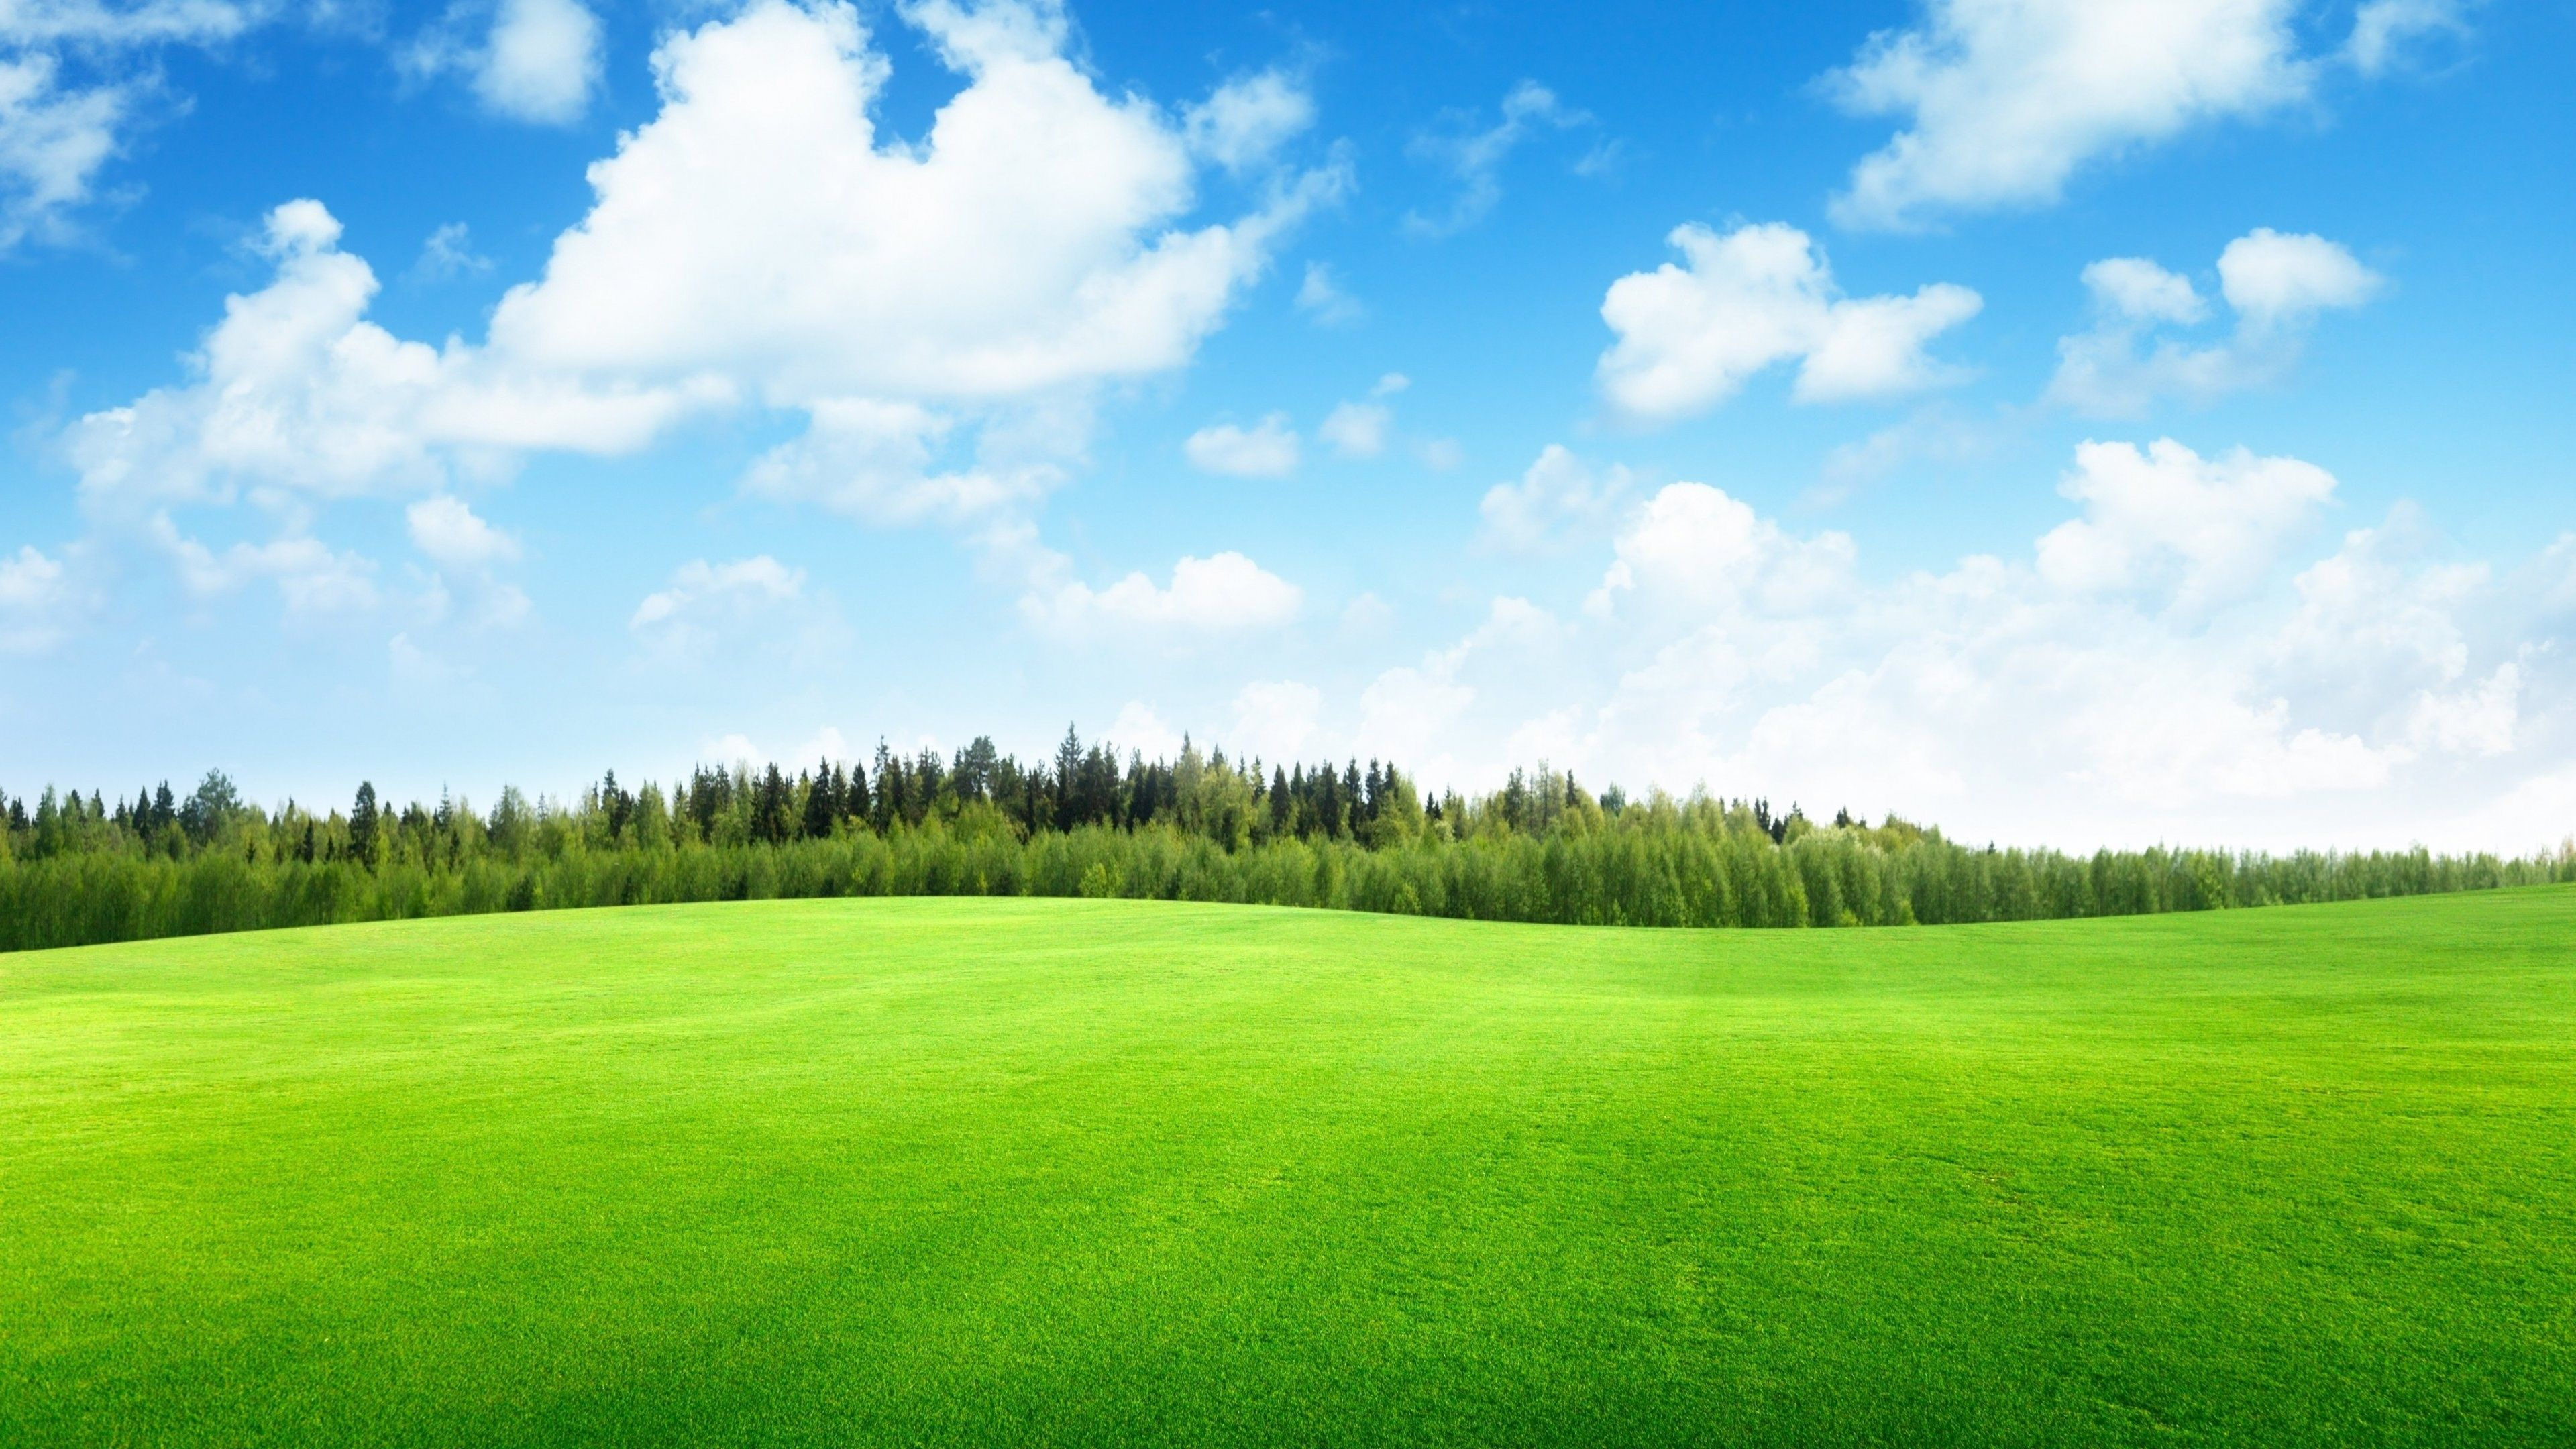 3840x2160 Free Awesome Landscape Landscape Pictures Landscape Wallpaper Beautiful Landscapes